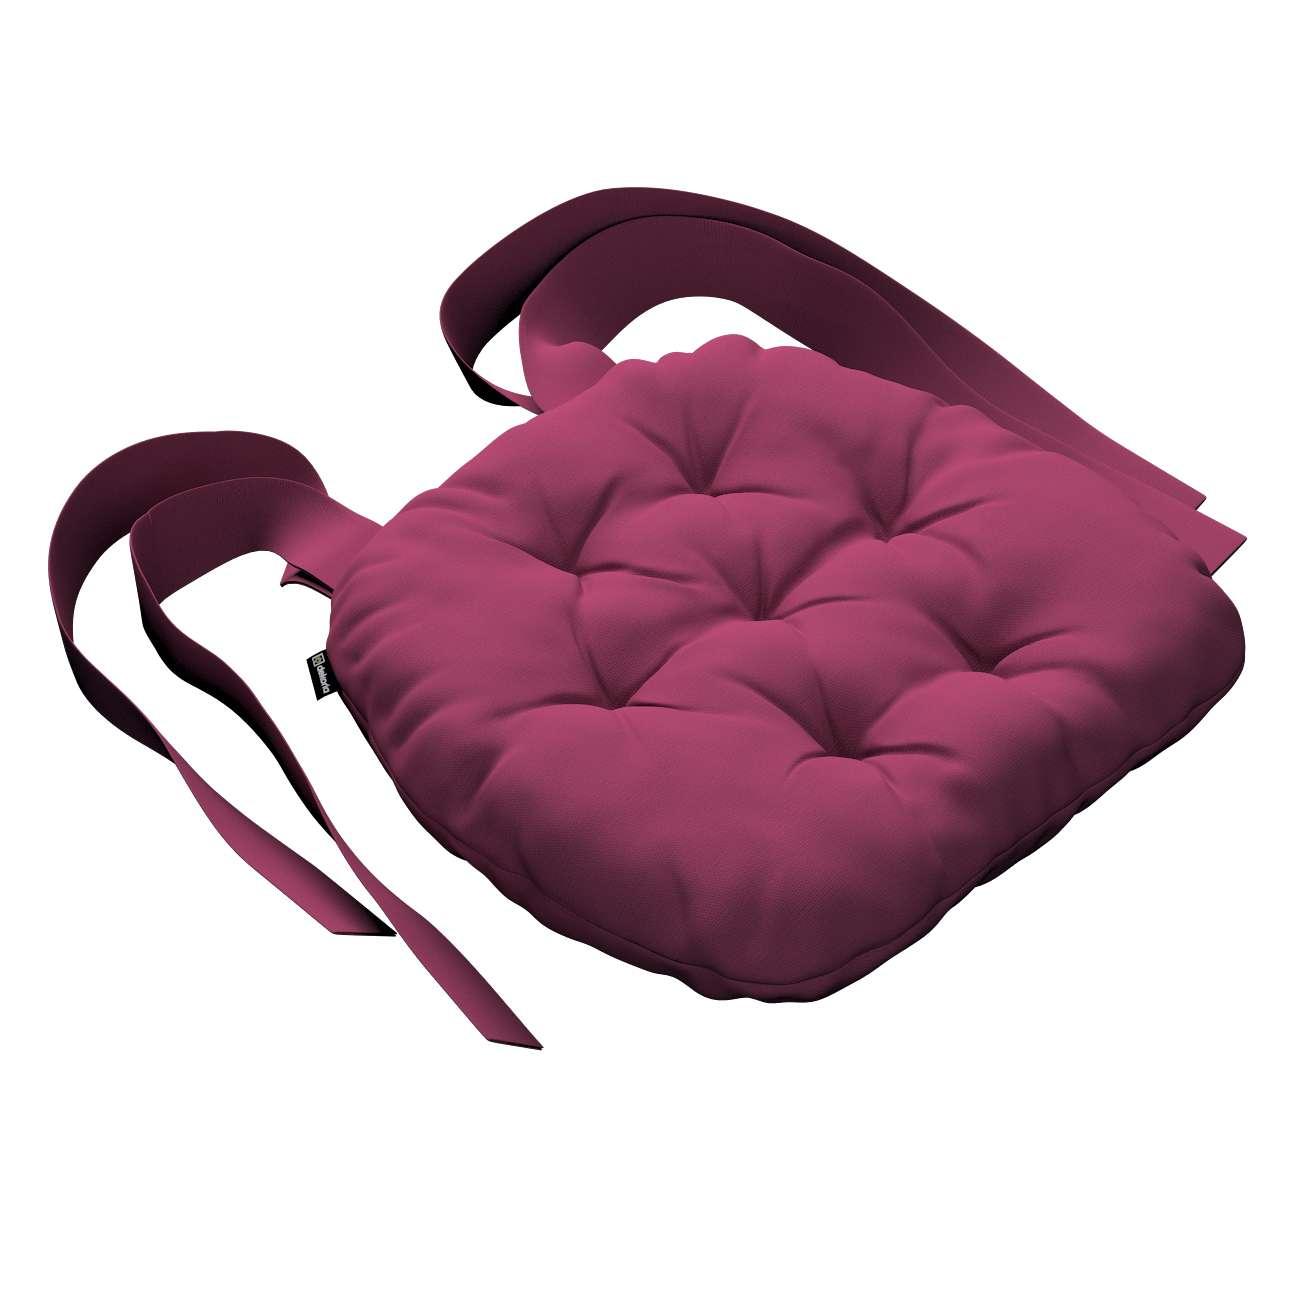 Siedzisko Marcin na krzesło w kolekcji Cotton Panama, tkanina: 702-32